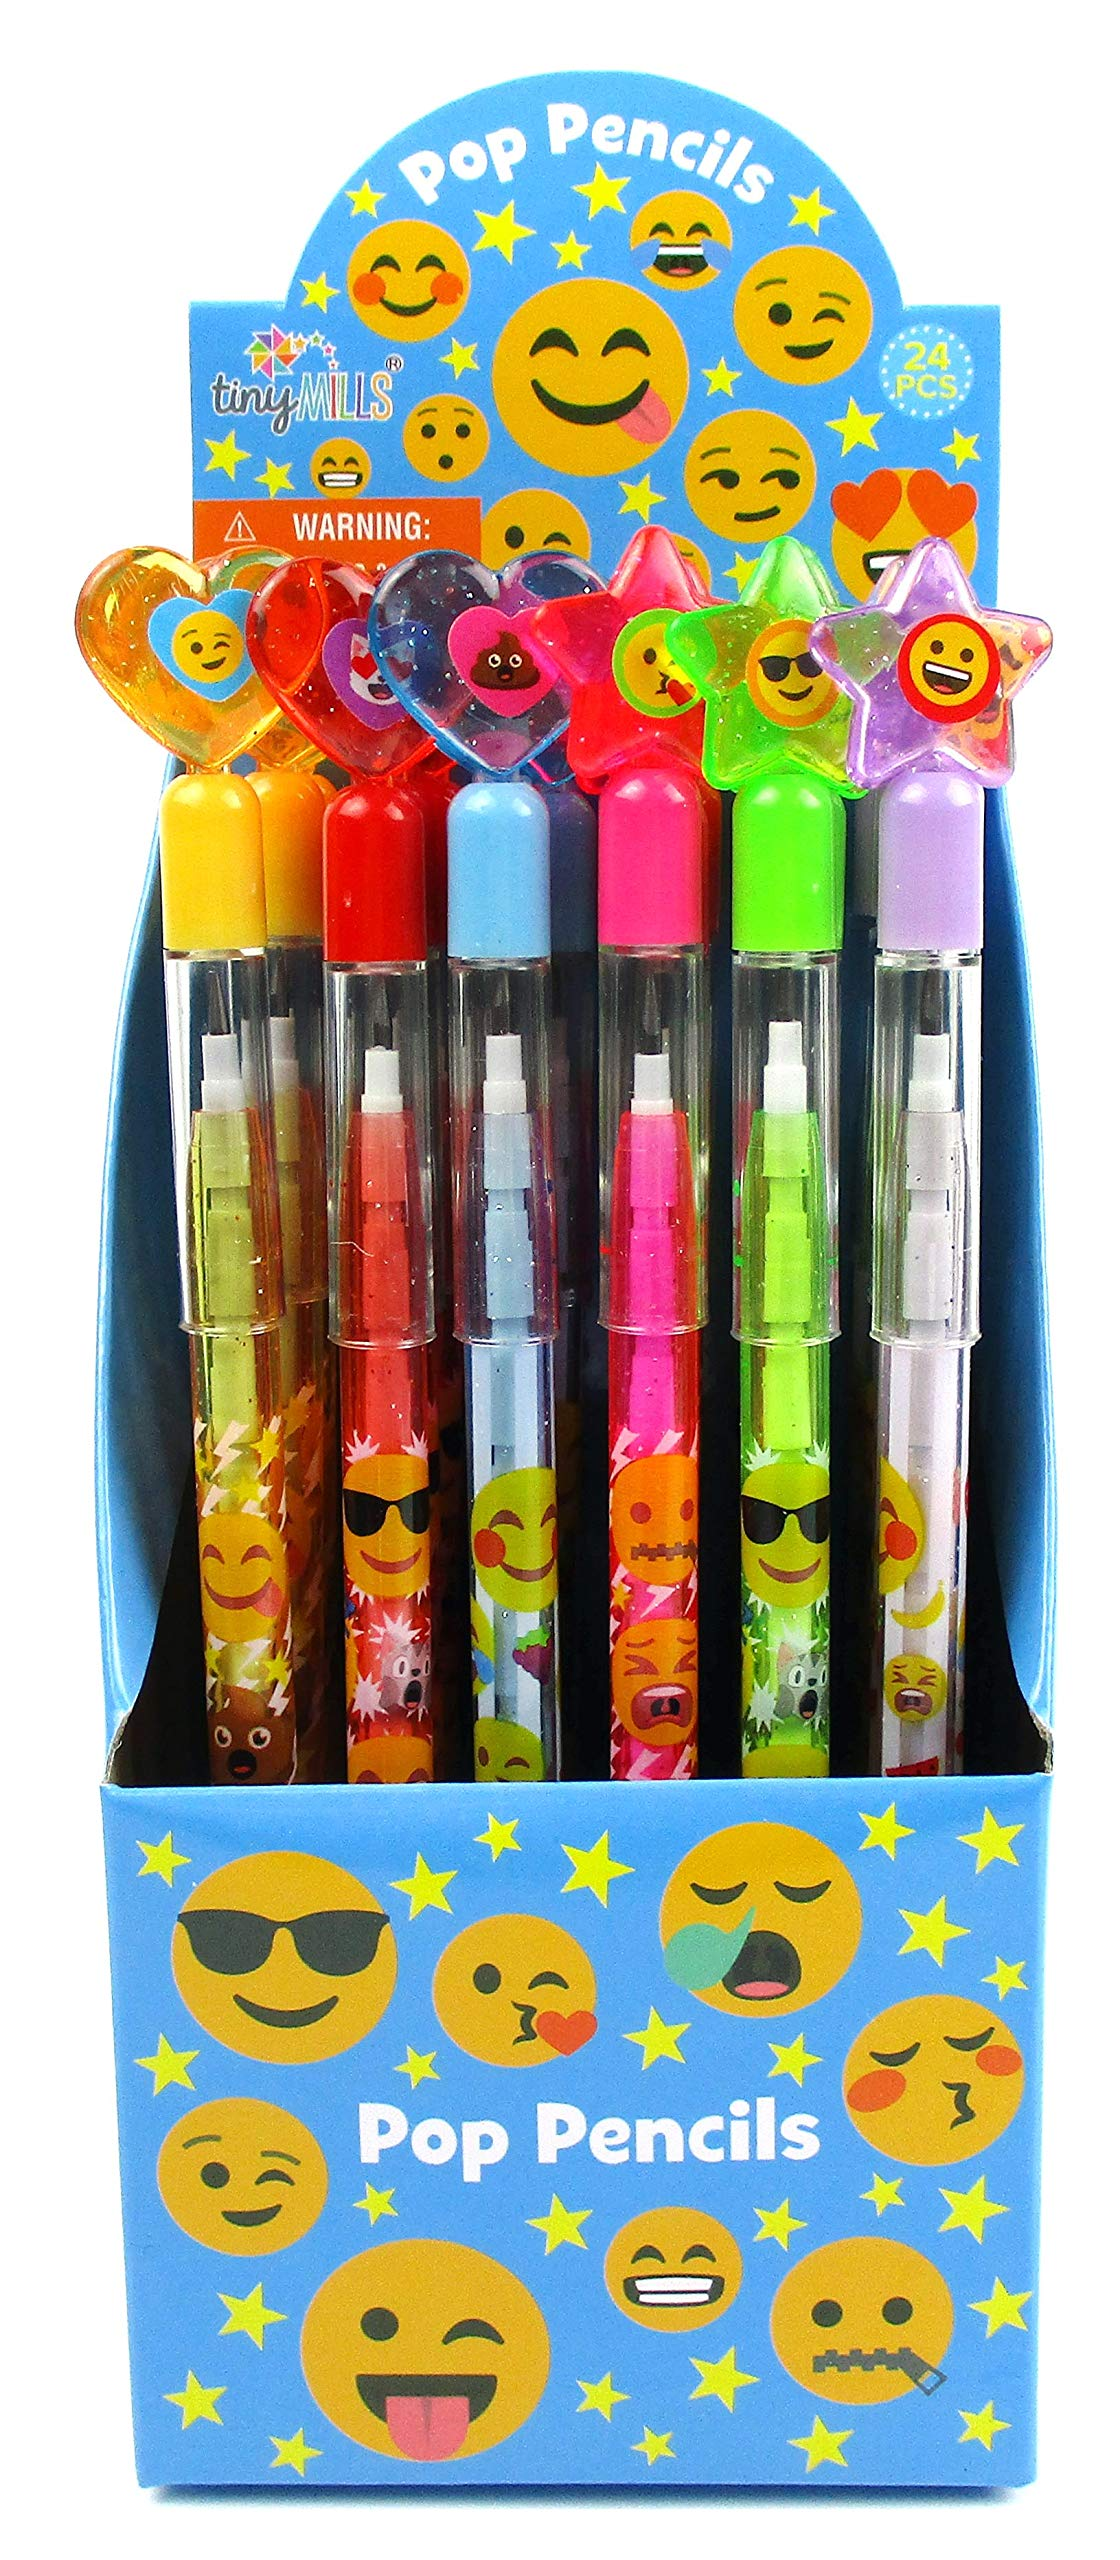 TINYMILLS 24 Pcs Emoji Multi Point Pencils by Tiny Mills